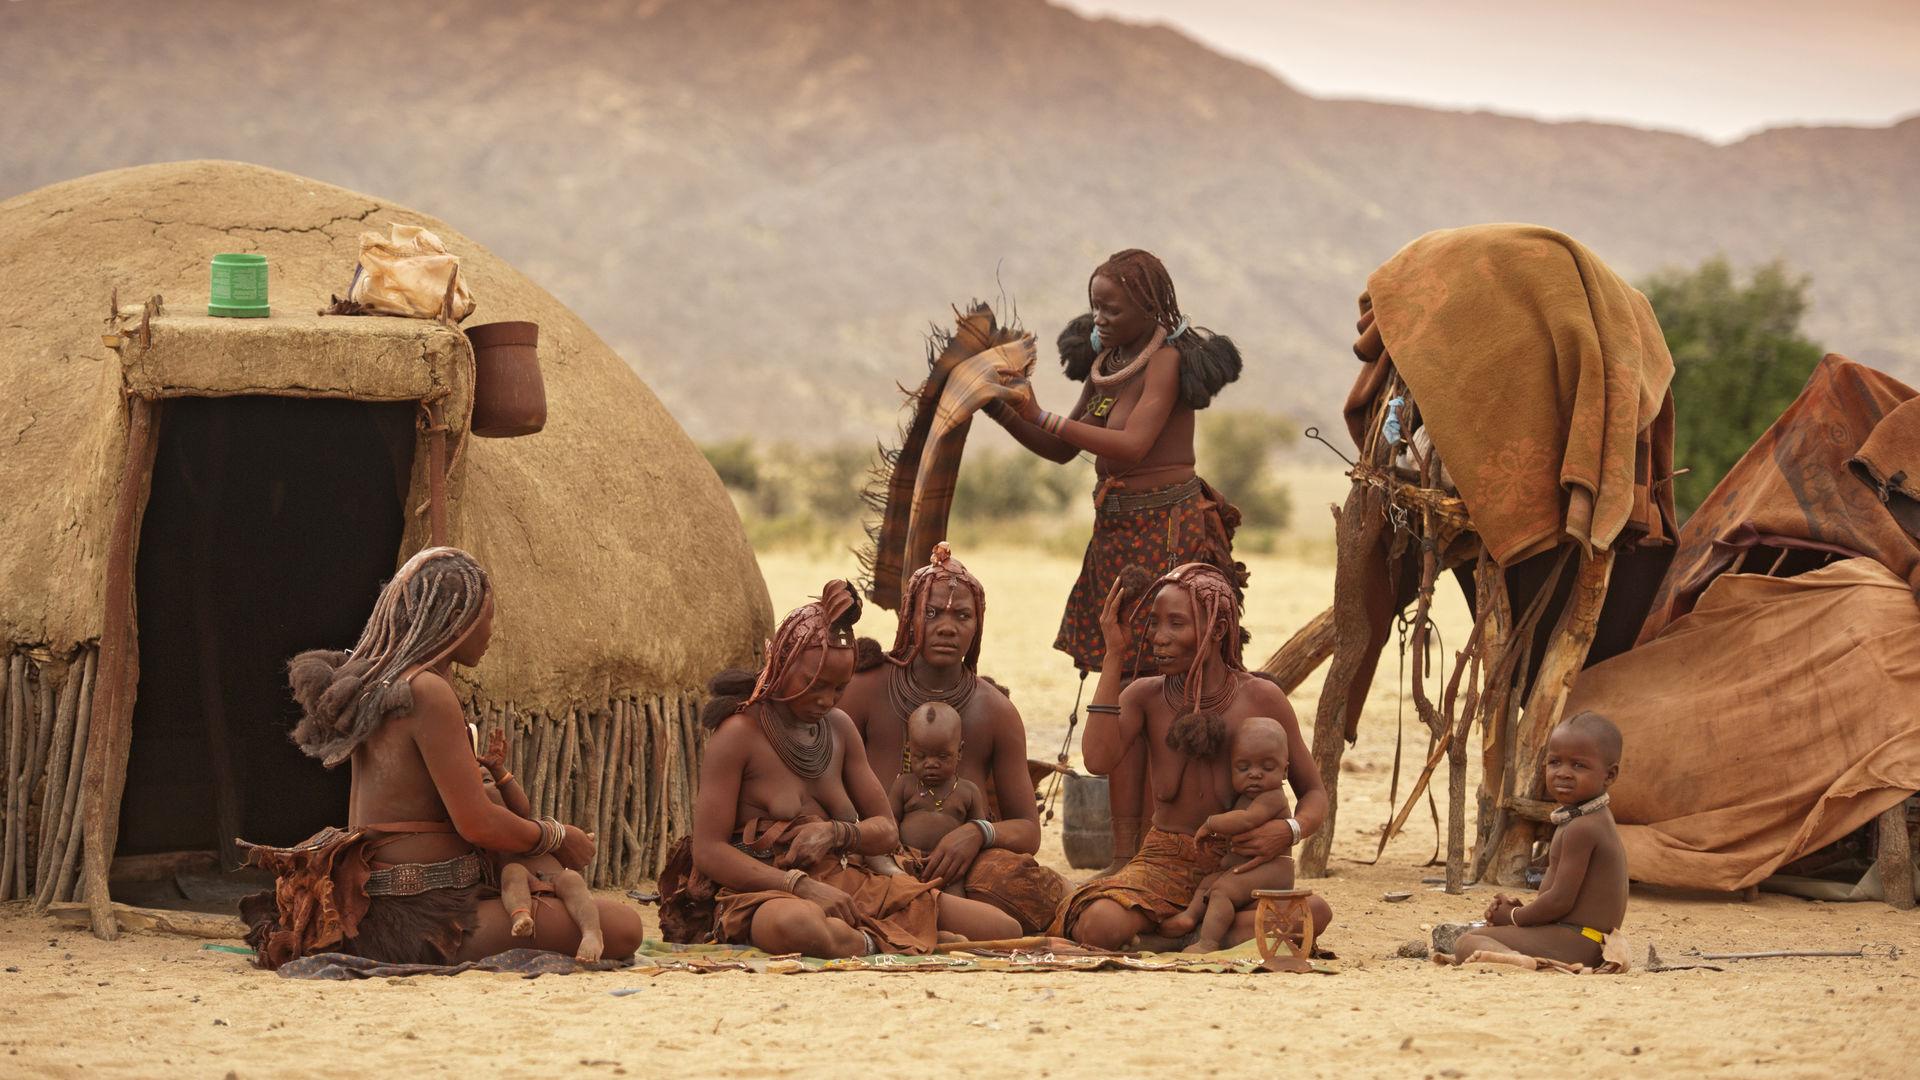 Skeleton Coast en Kaokoland in Namibie - Matoke Tours